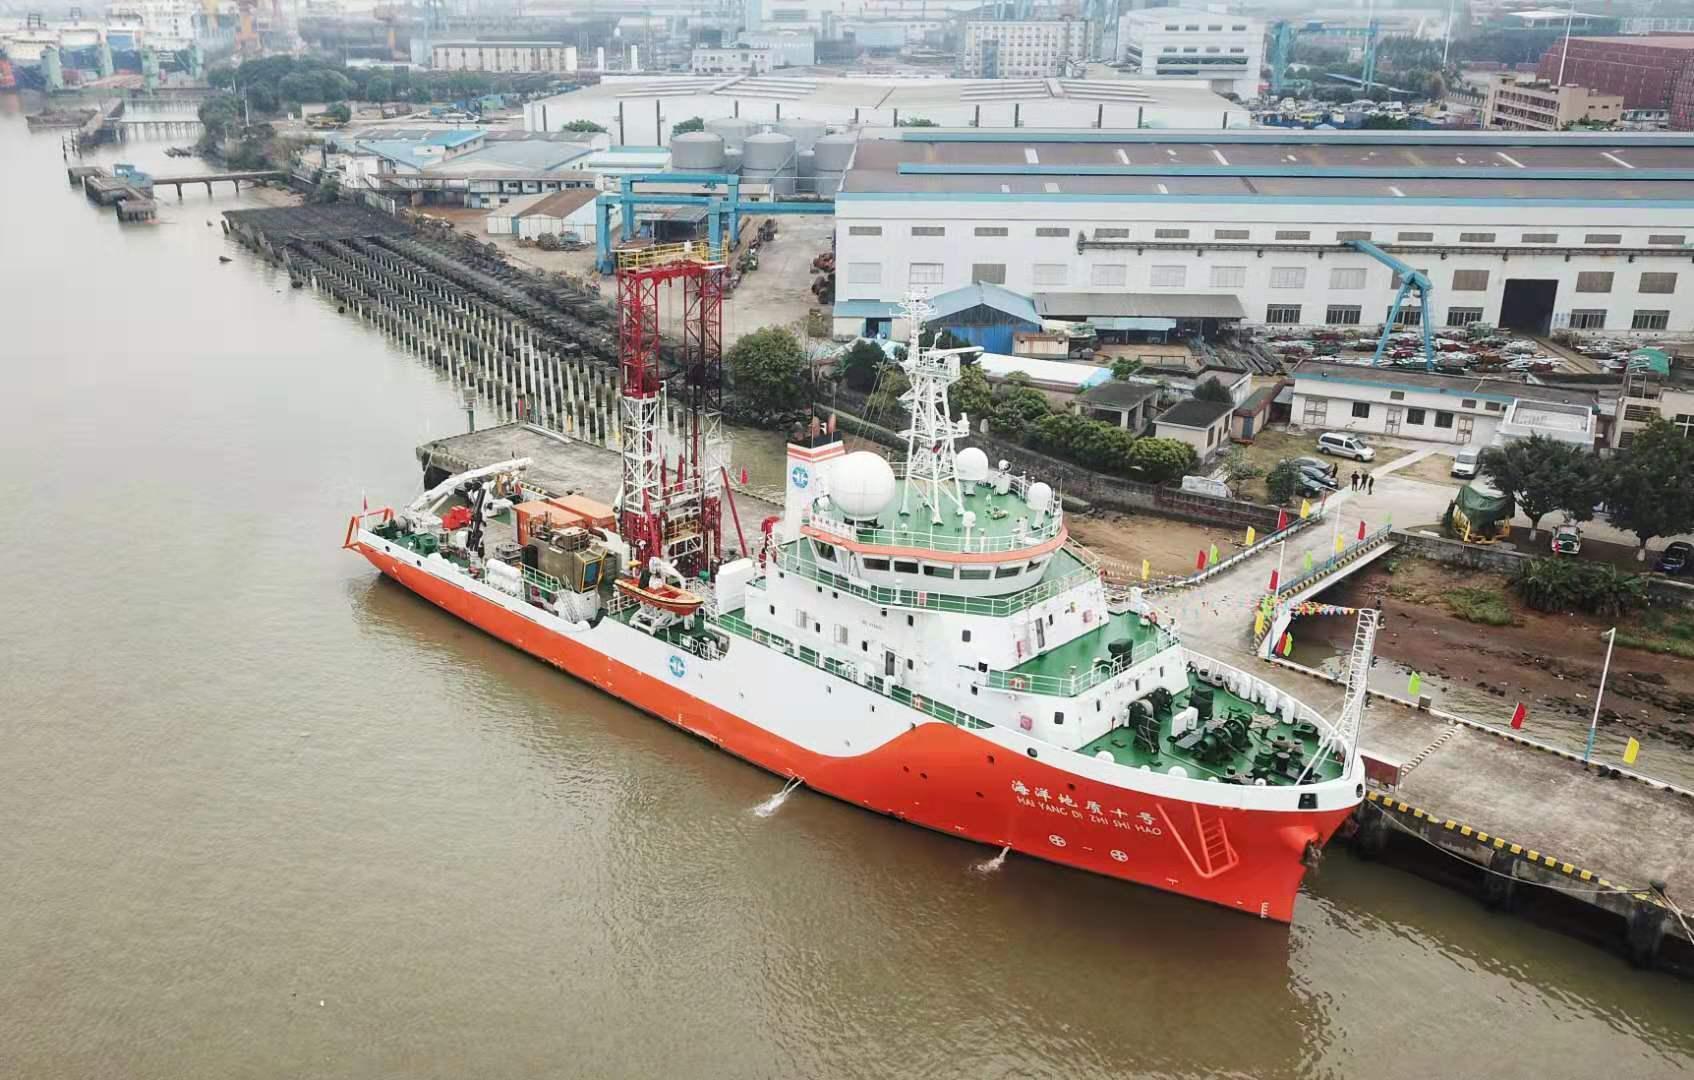 """本次任务是""""海洋地质十号""""调查船入列后的首个远洋调查科考航次,是深化中国和巴基斯坦两国友好合作的一次重要科学合作。"""